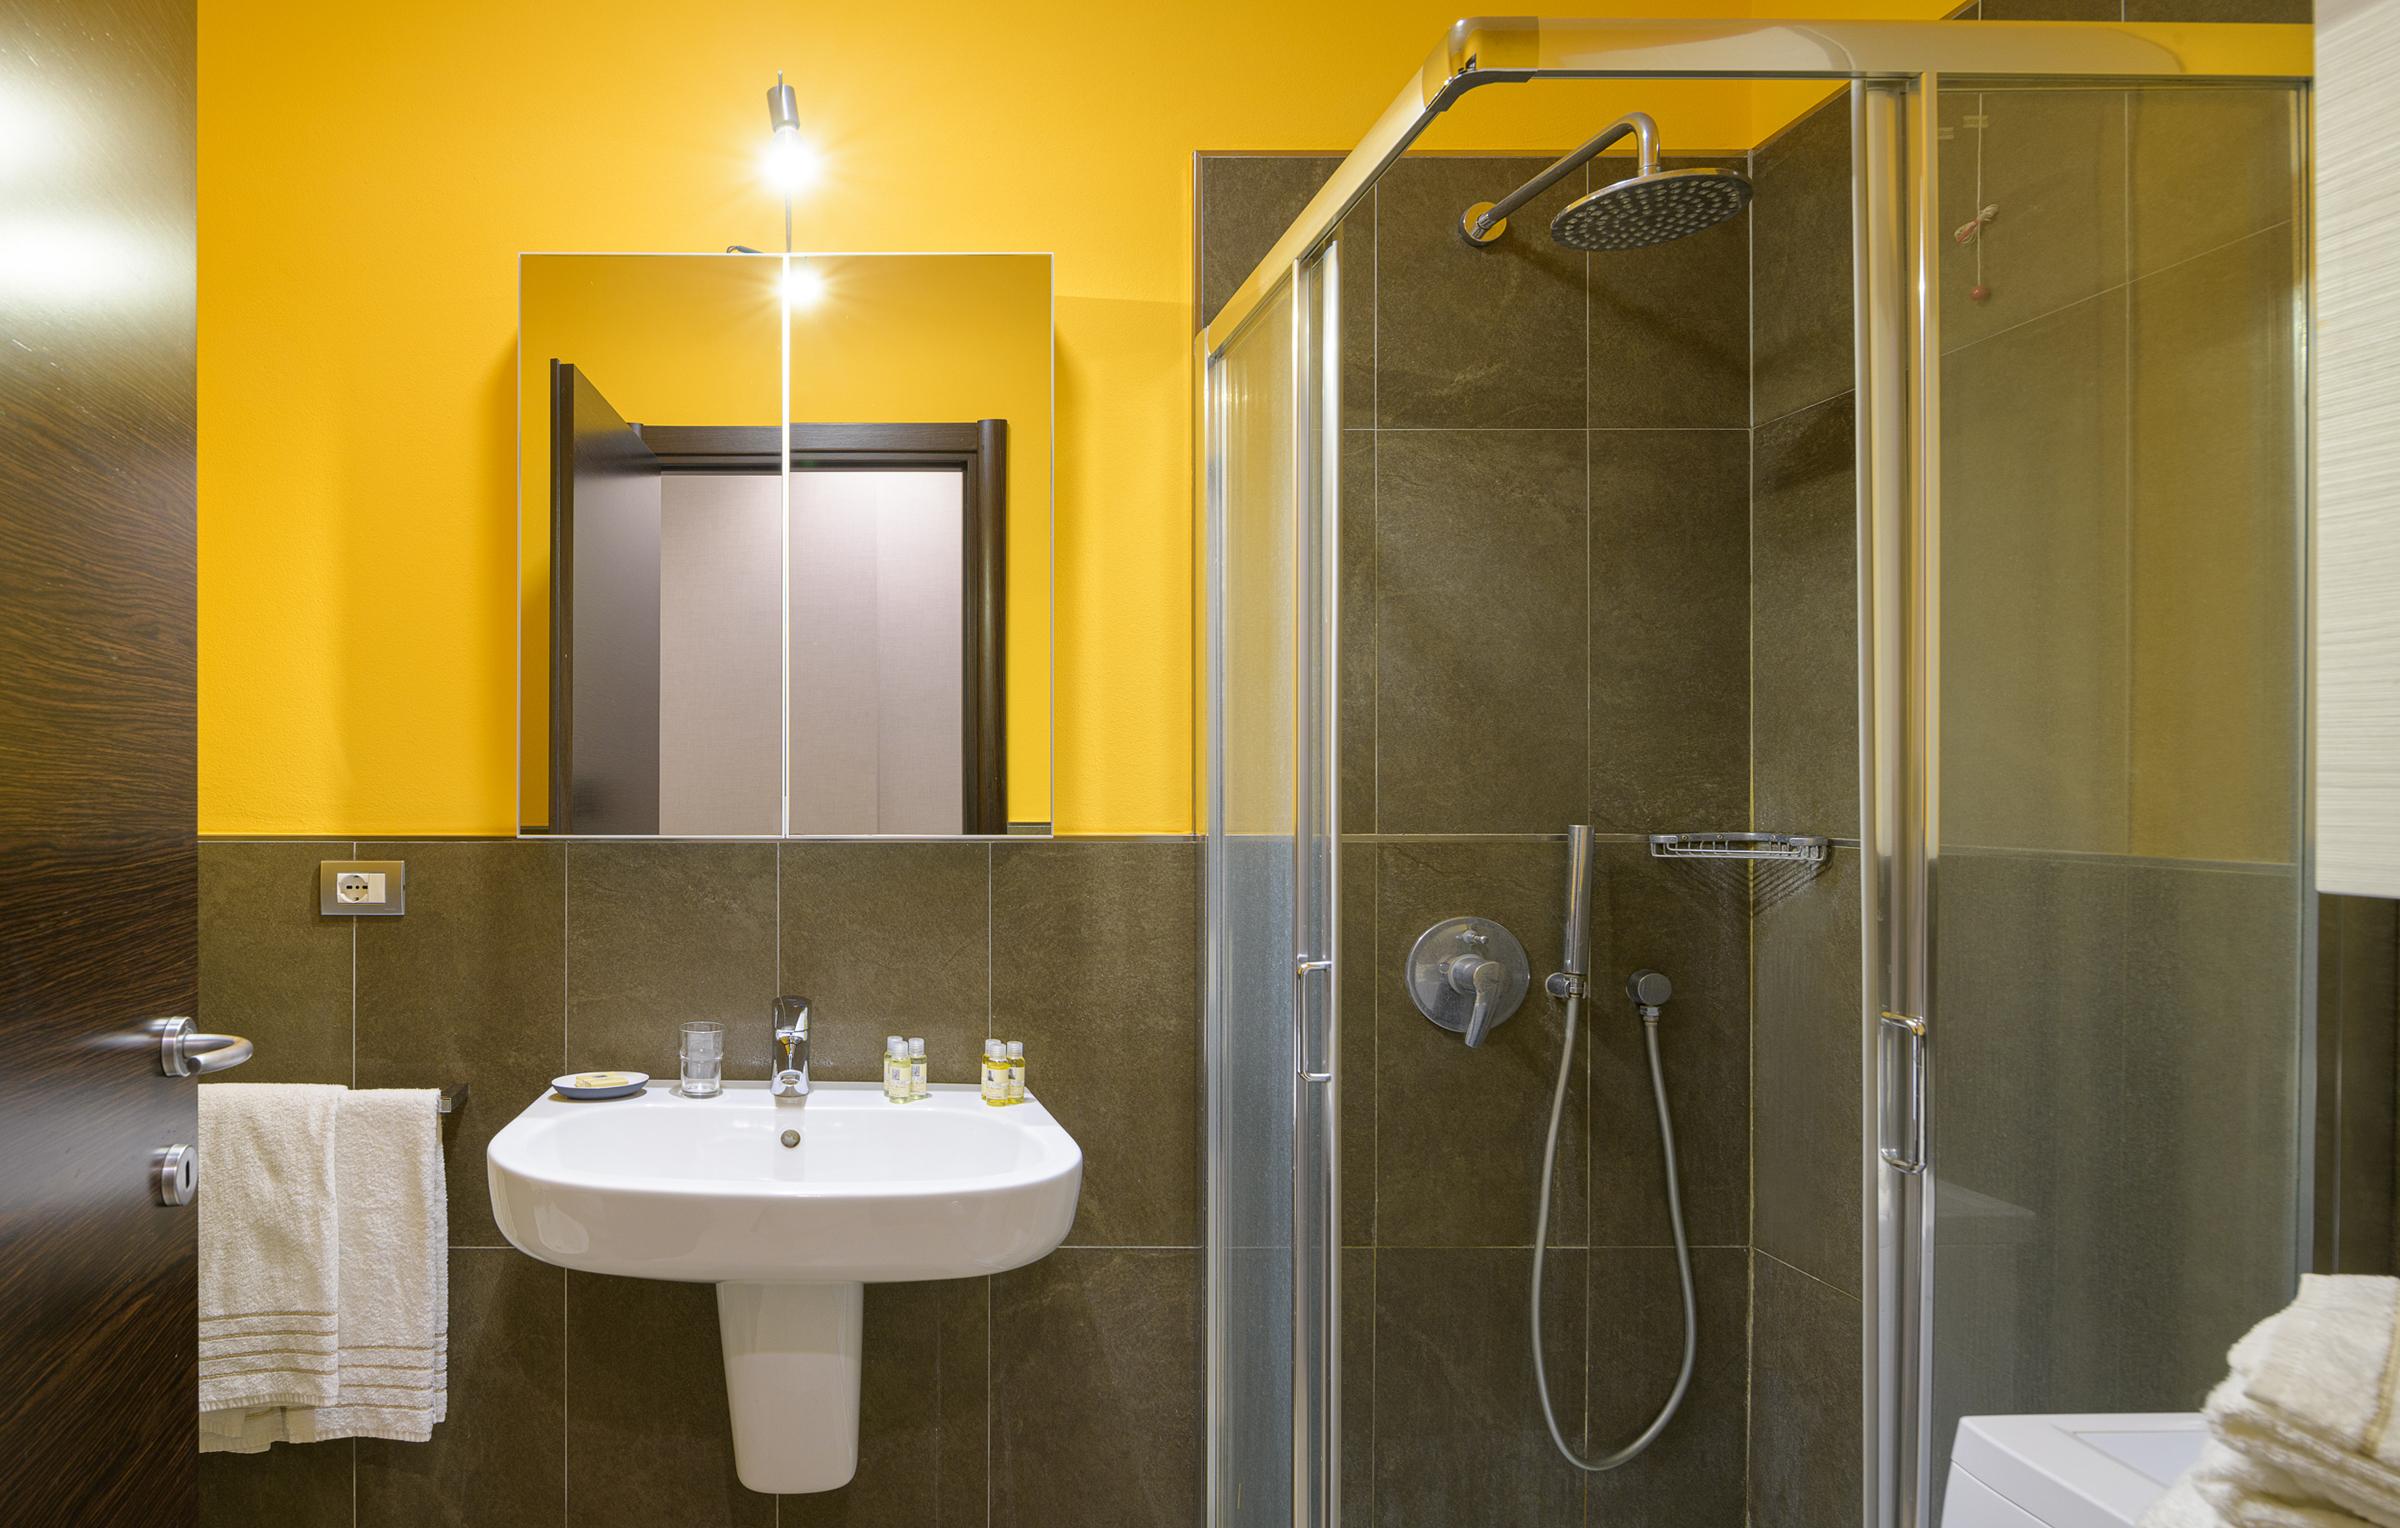 ll bagno degli appartamenti di Residenza Porta Volta a Milano ha doccia e lavatrice